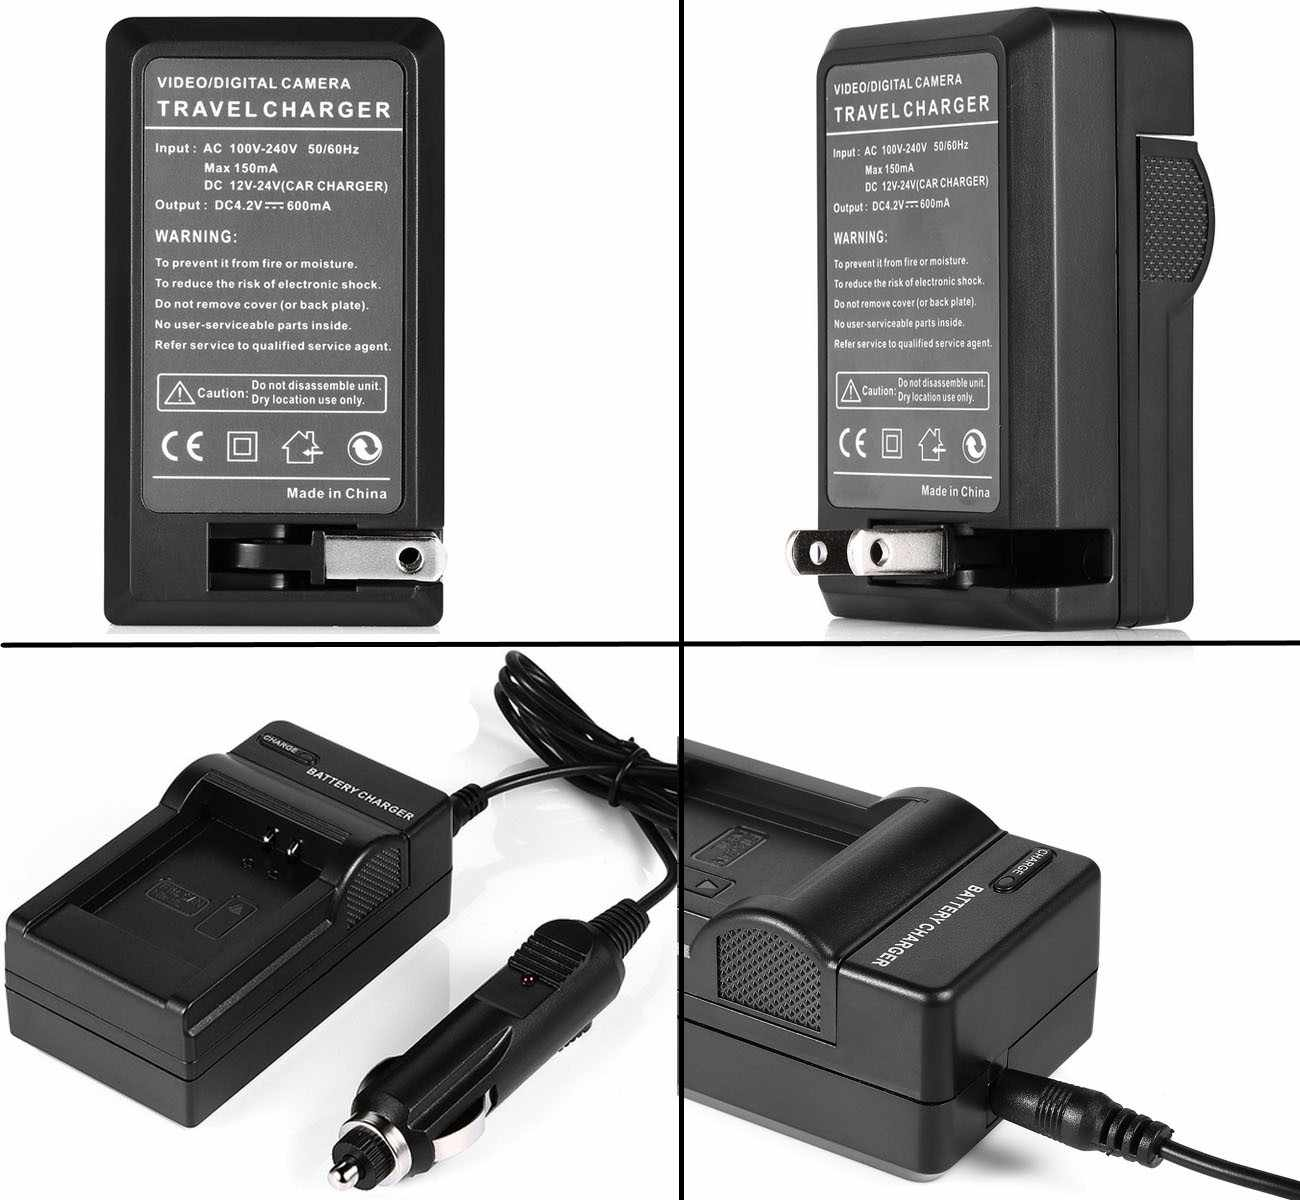 VP-D63 VP-D65 Digital Video Camcorder Battery Charger for Samsung VP-D55 VP-D60